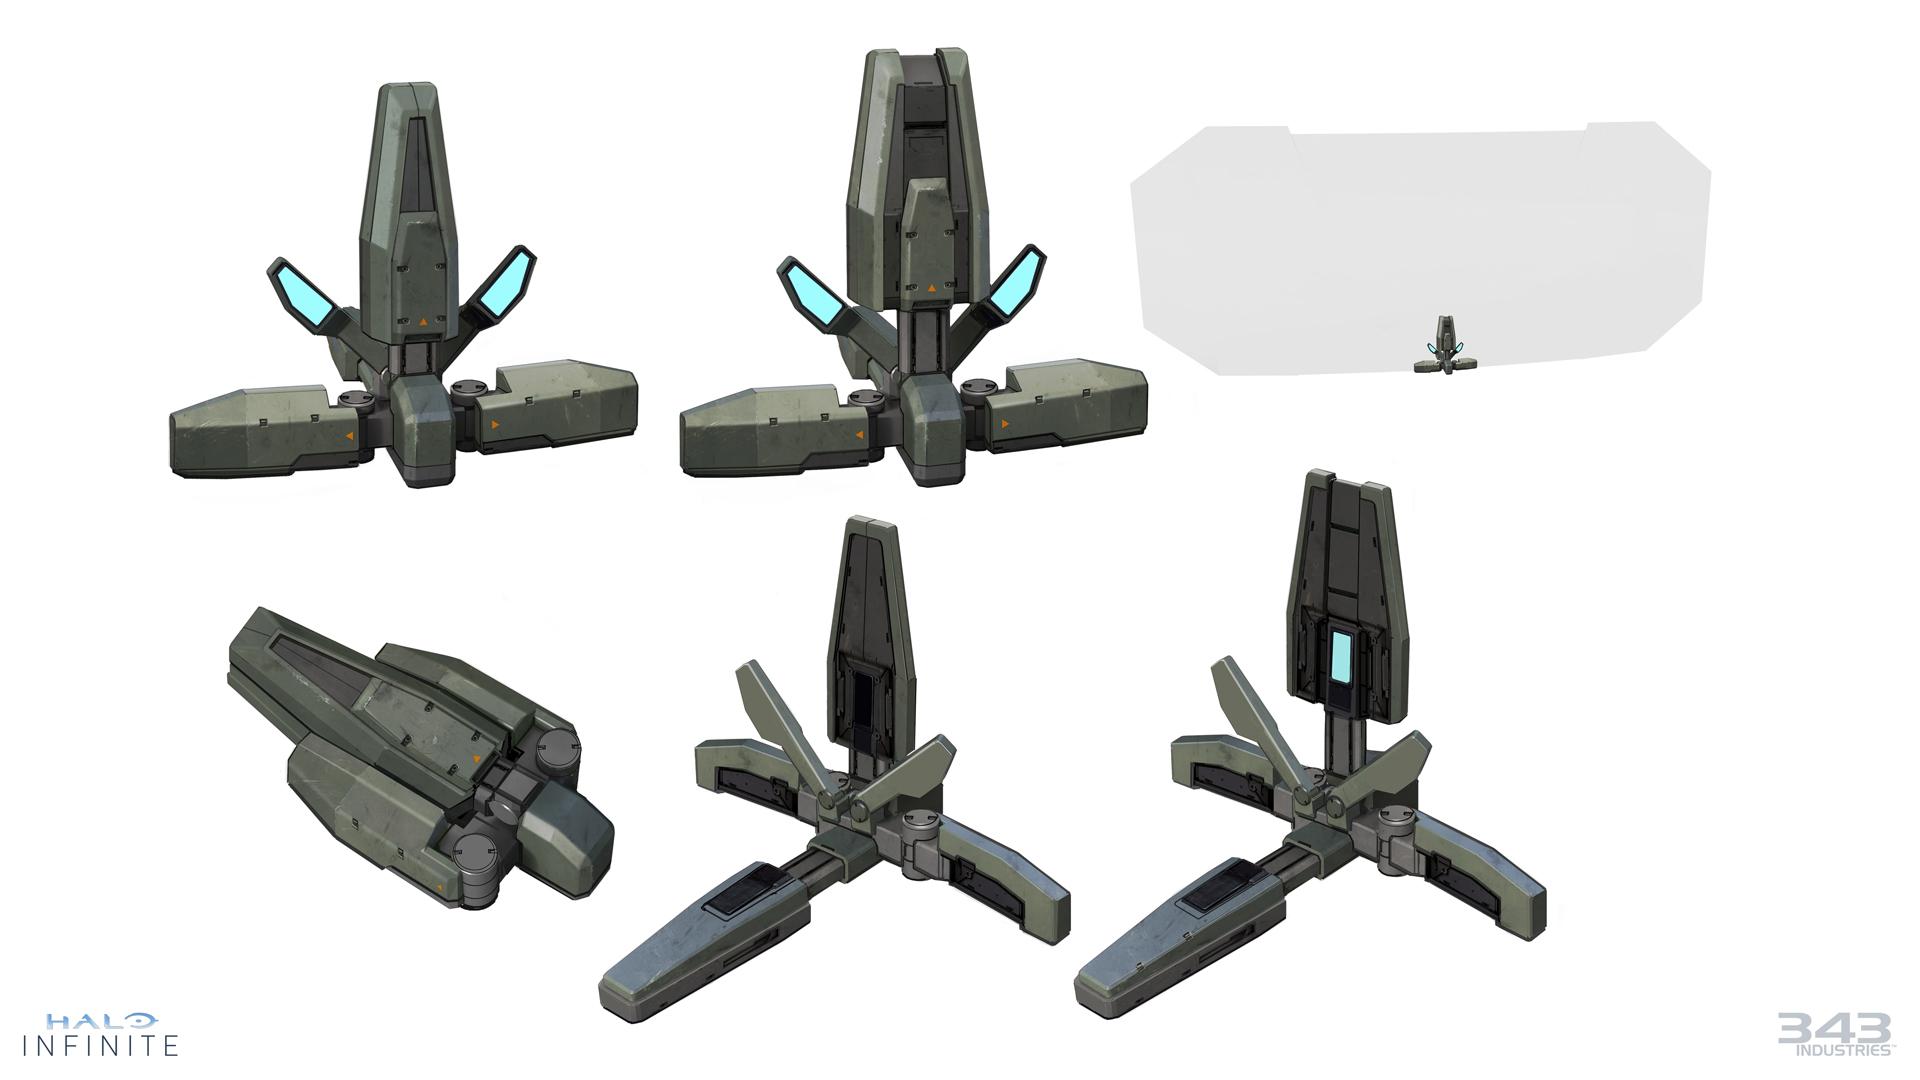 Concept art of Drop Wall equipment item